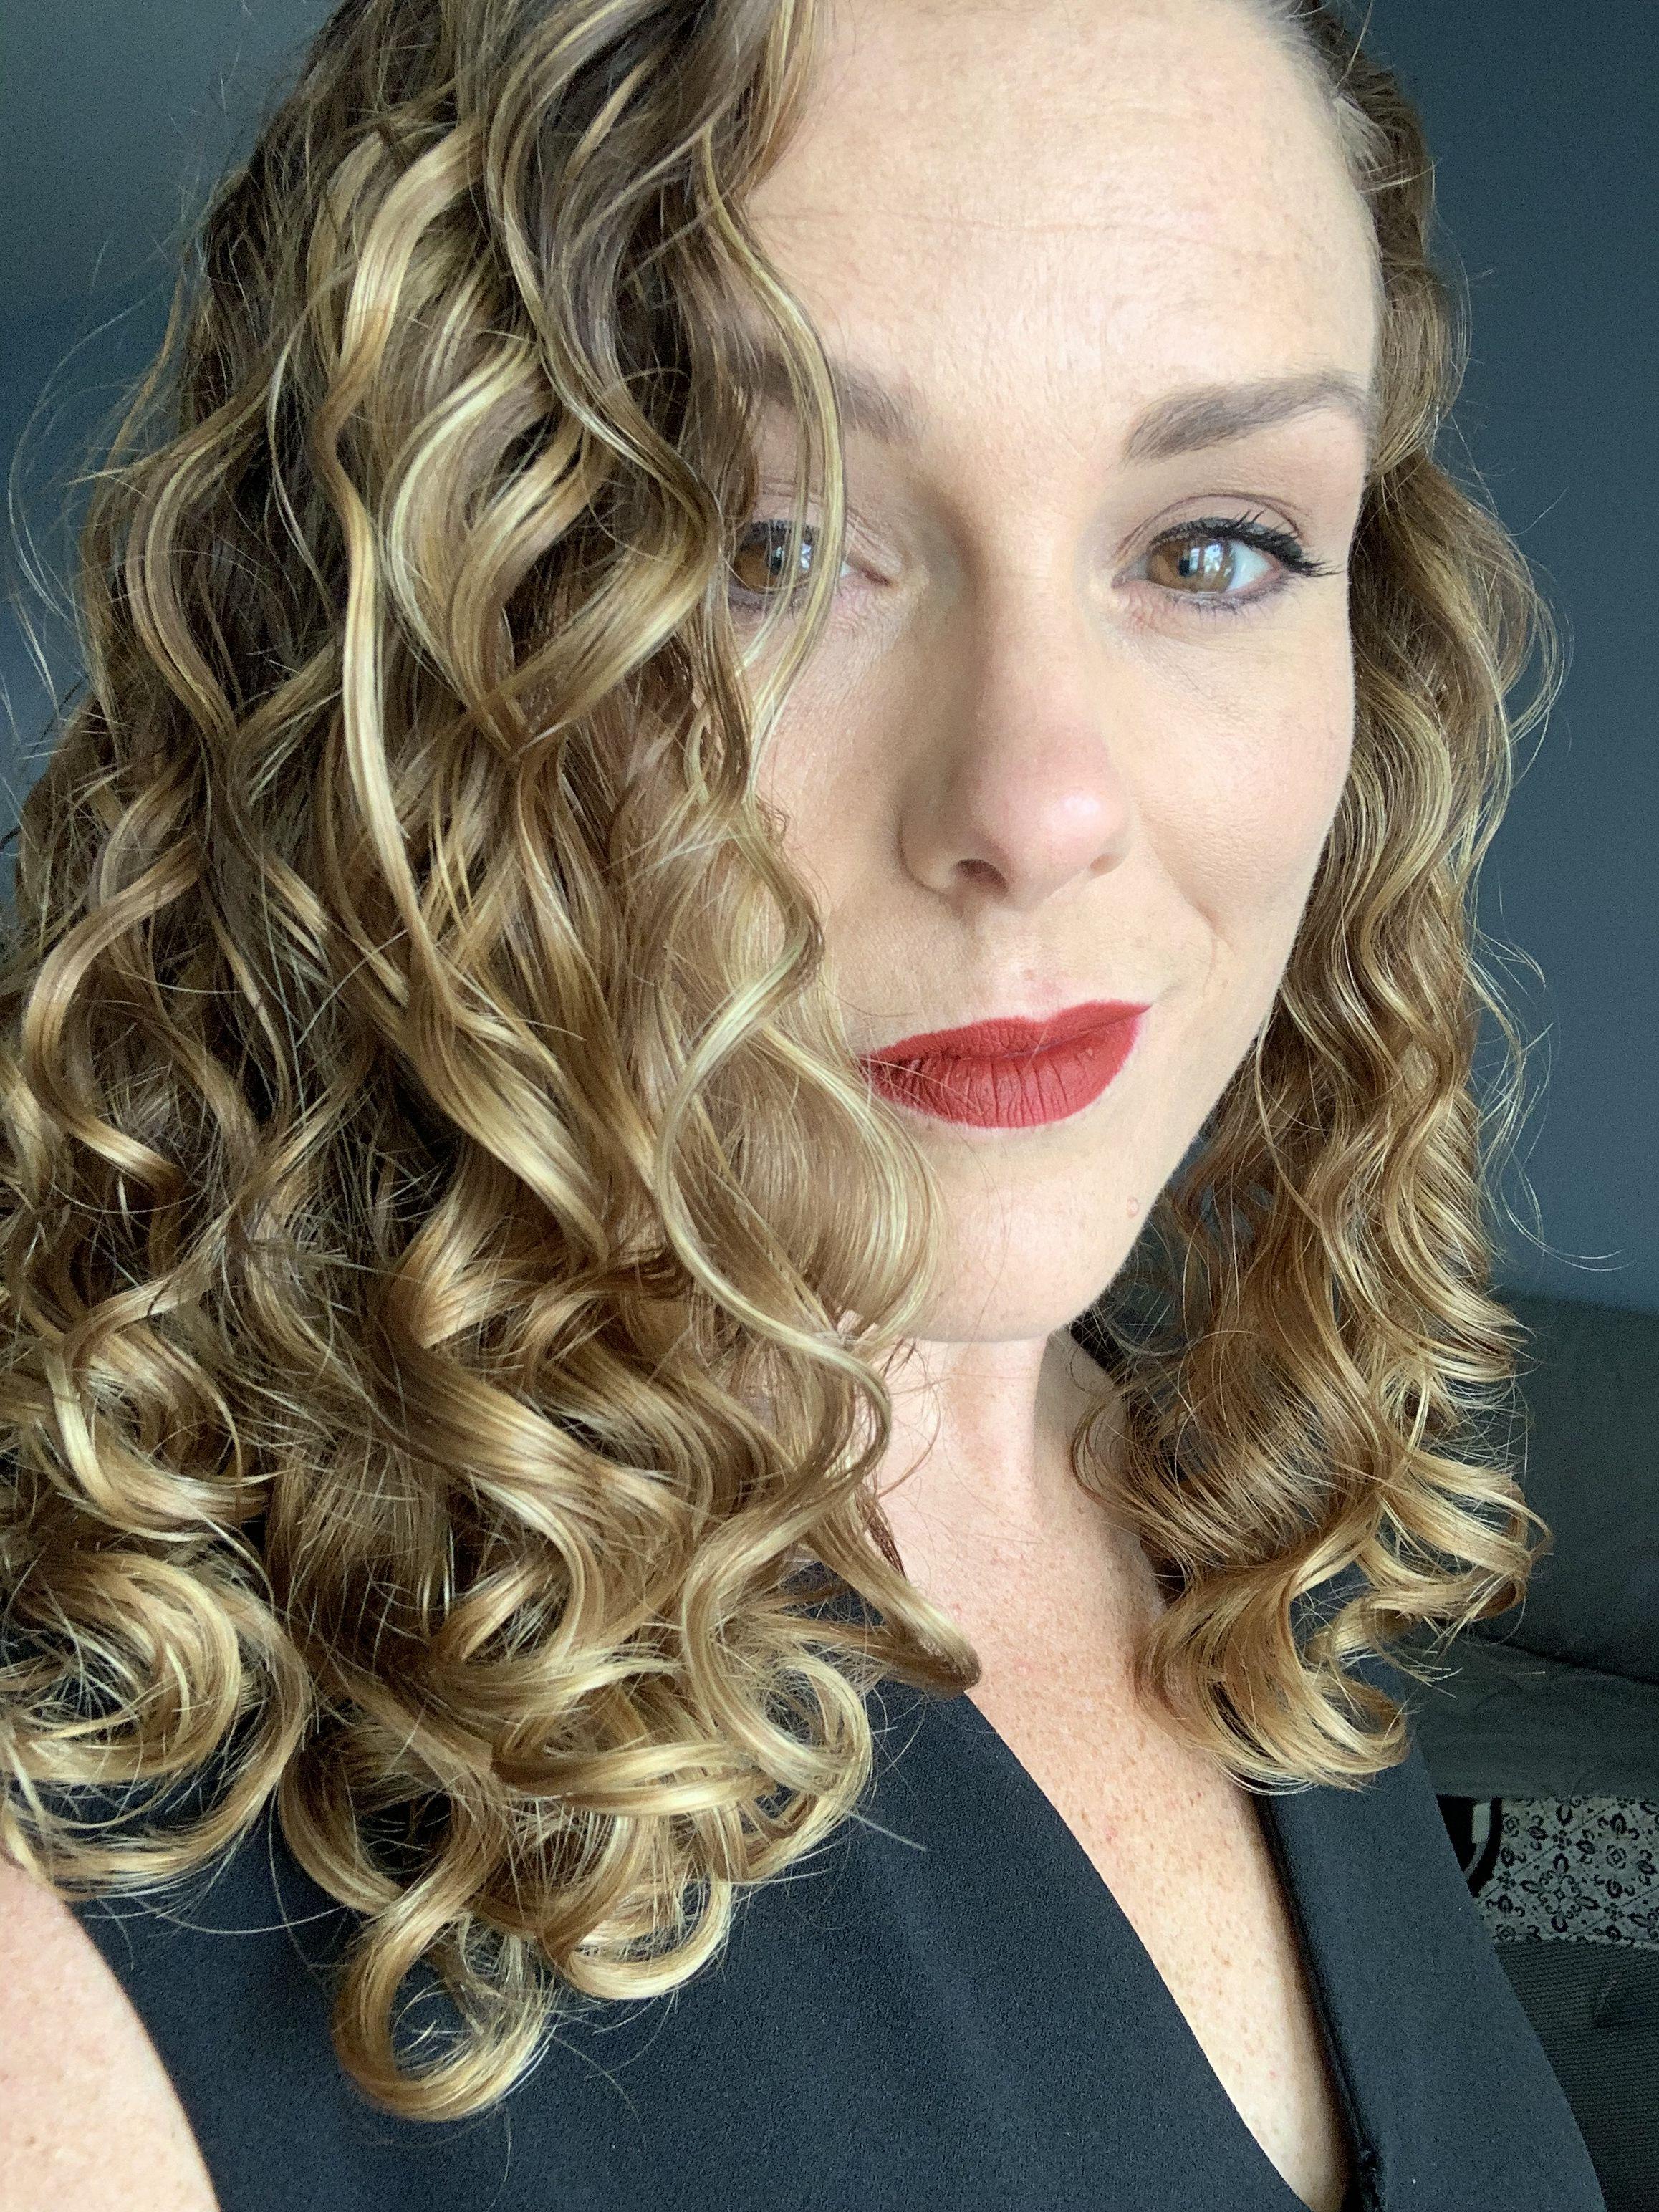 Hair Quiz In 2020 Hair Quiz Diffuser Curls Curly Hair Styles